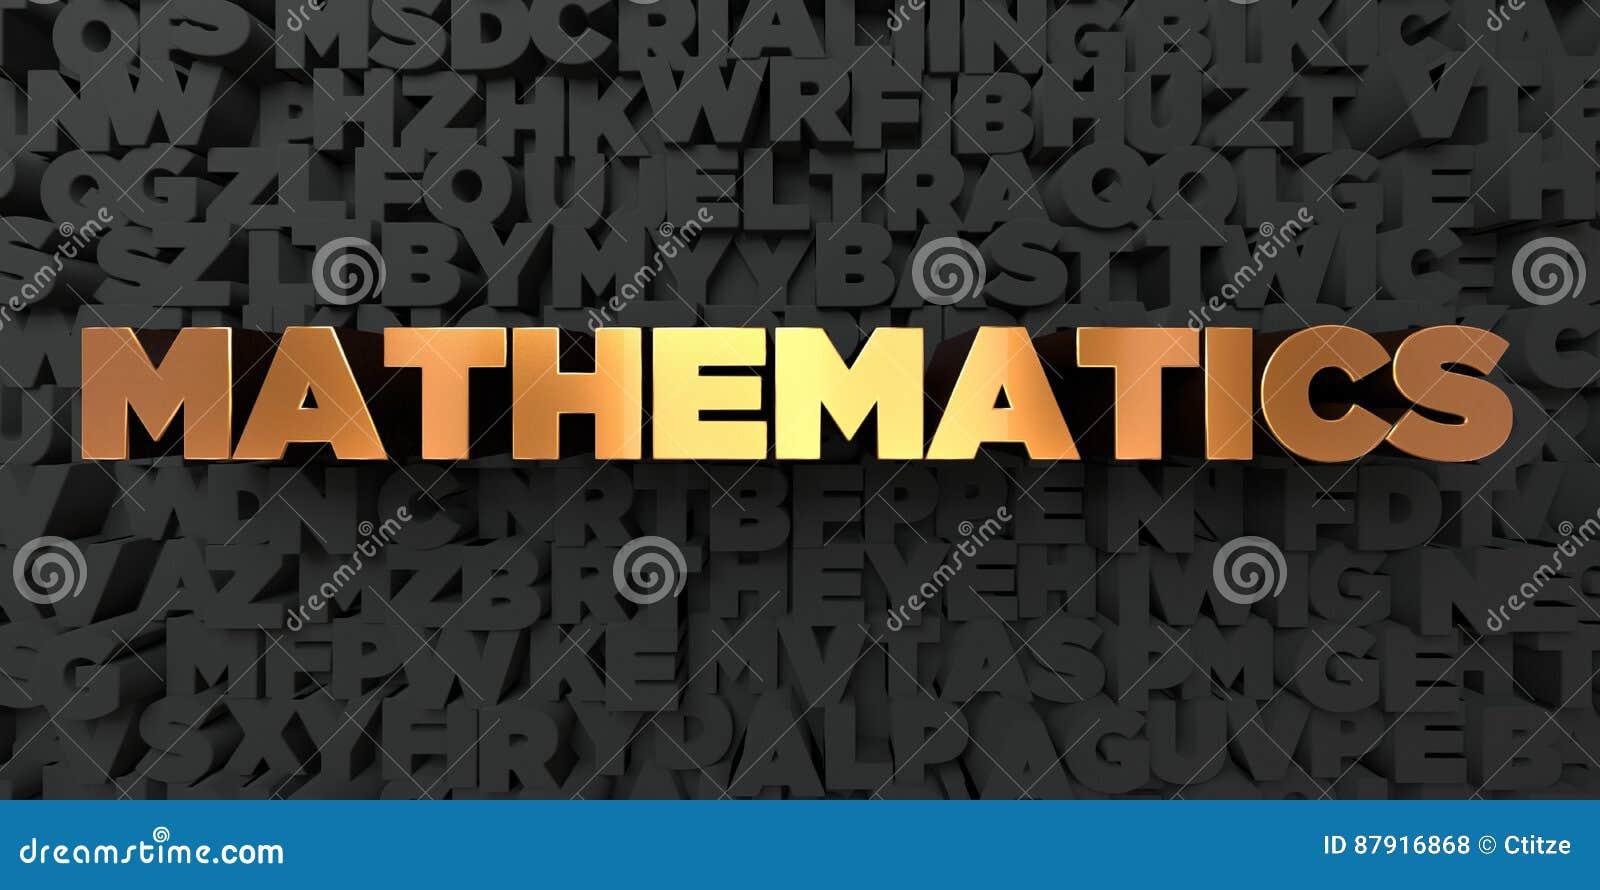 Wiskunde - Gouden tekst op zwarte achtergrond - 3D teruggegeven royalty vrij voorraadbeeld